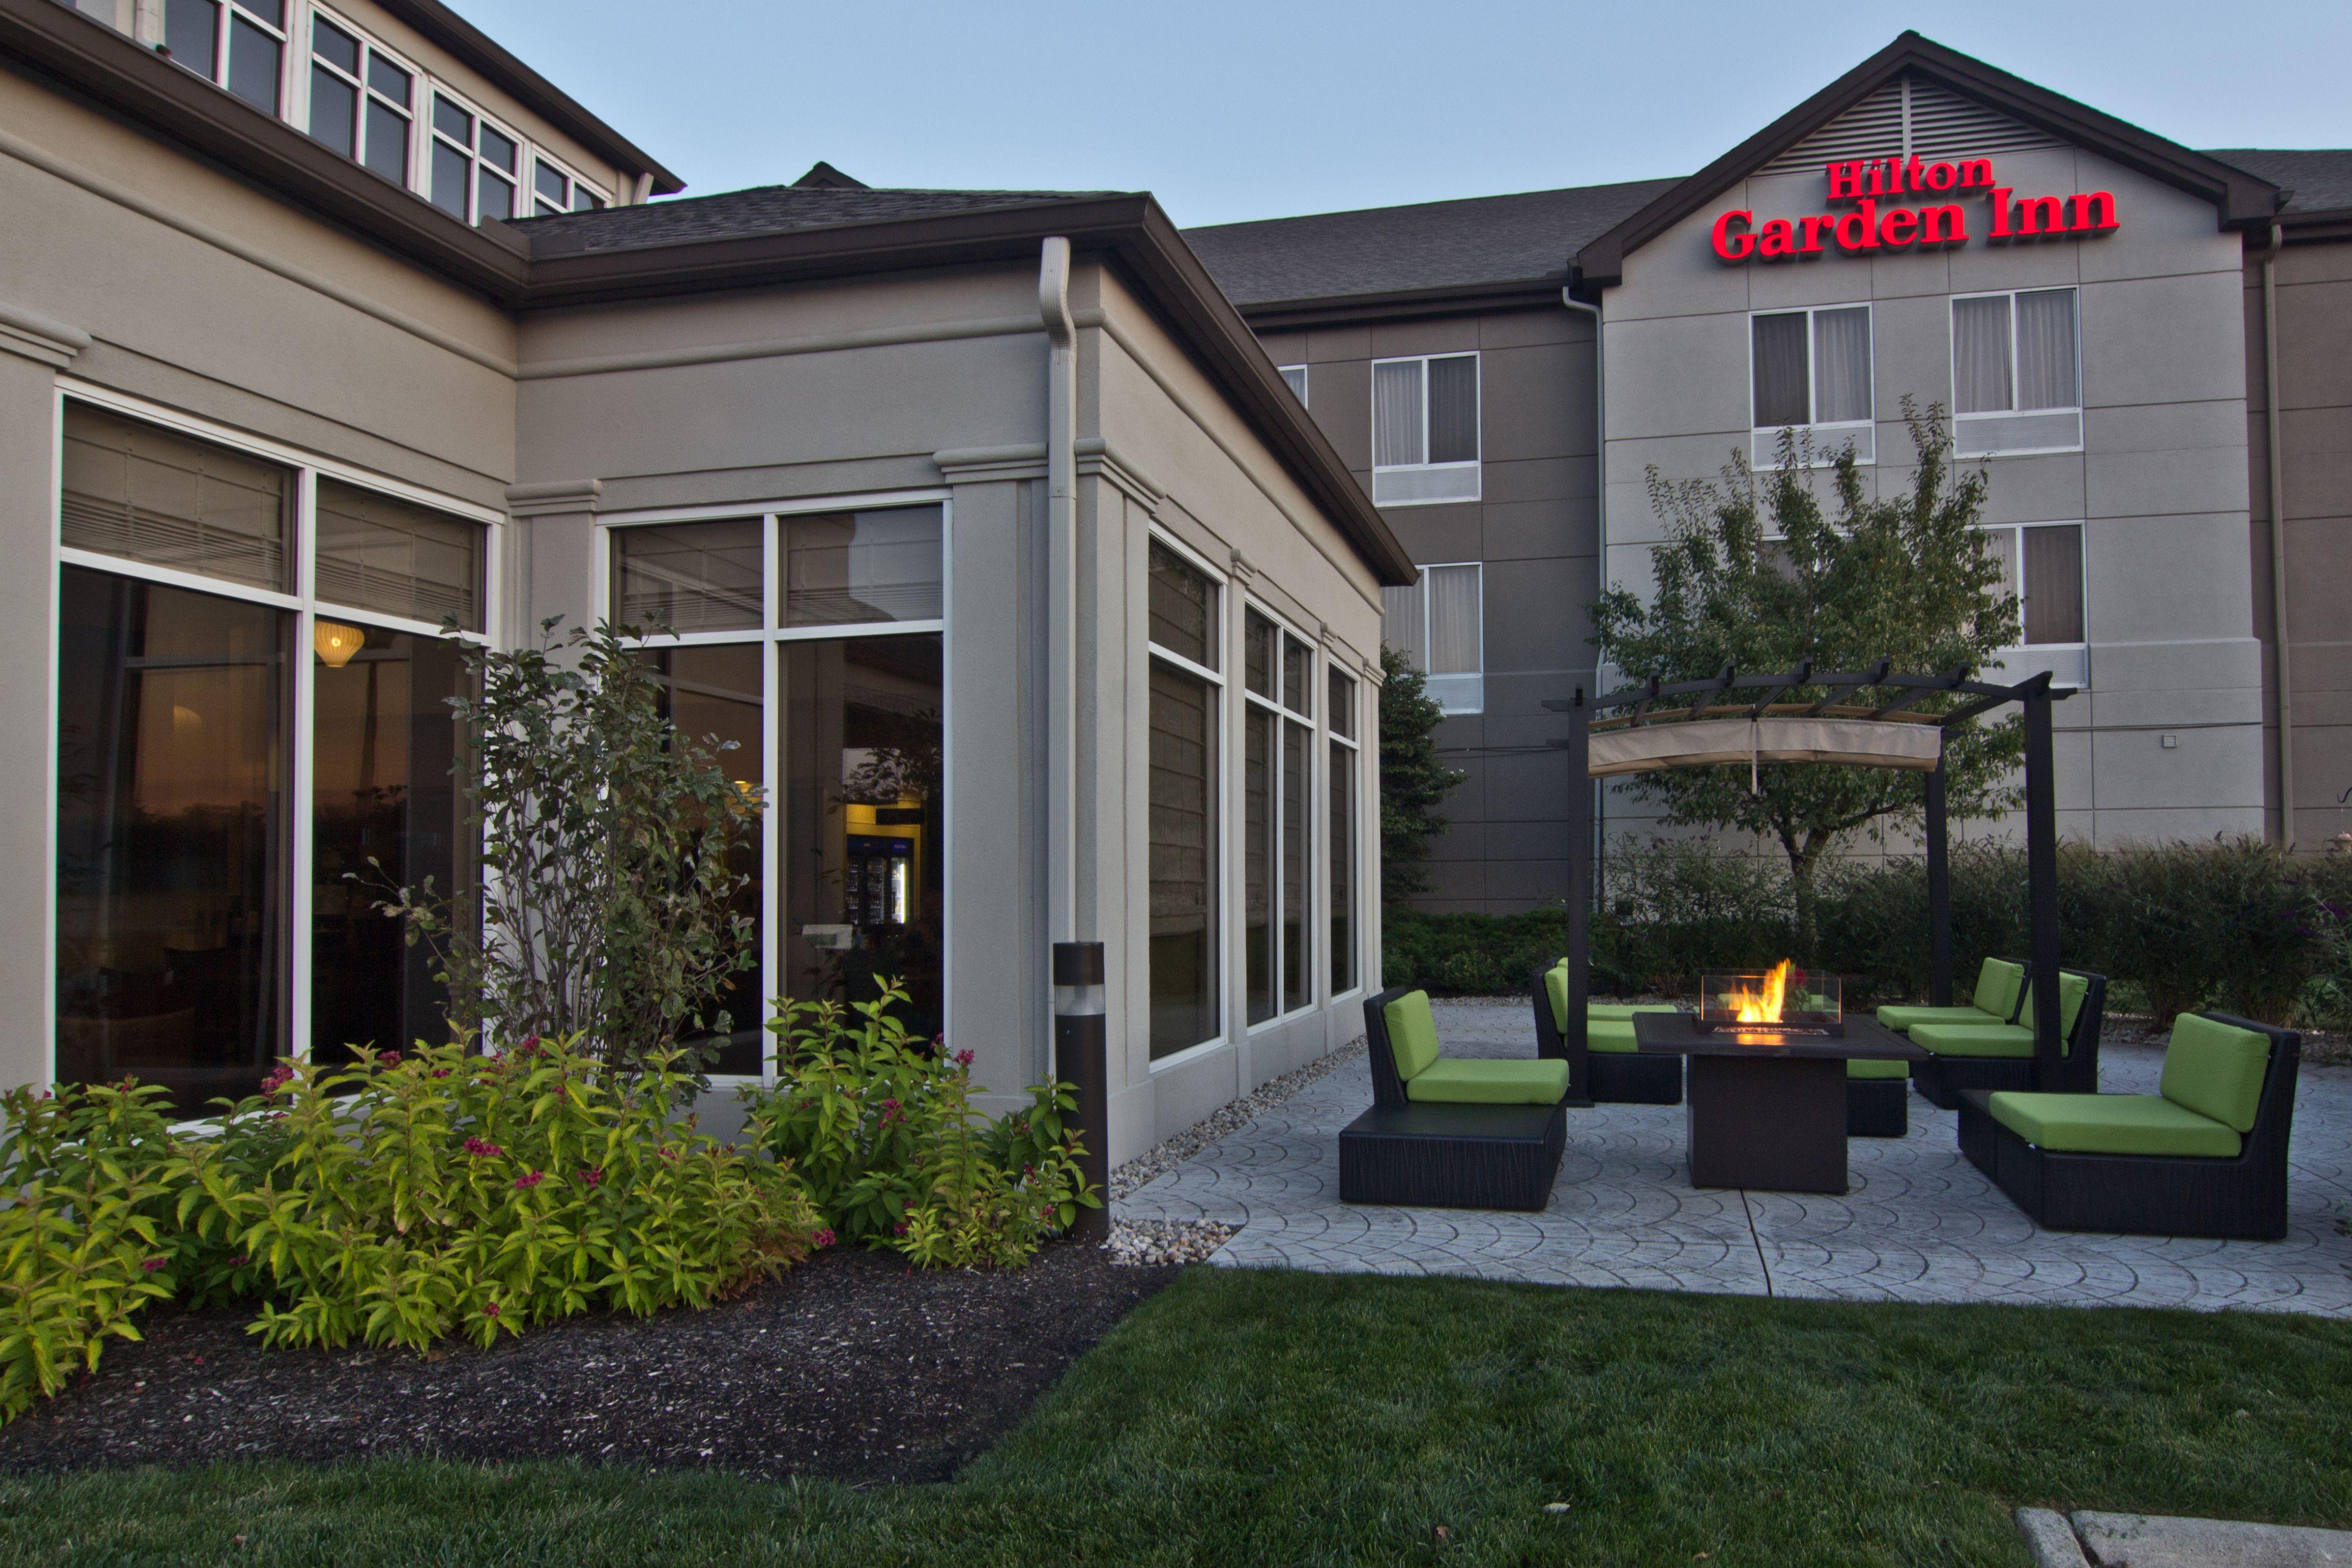 Hilton Garden Inn Columbus Grove City At 3928 Jackpot Rd Grove City Oh On Fave